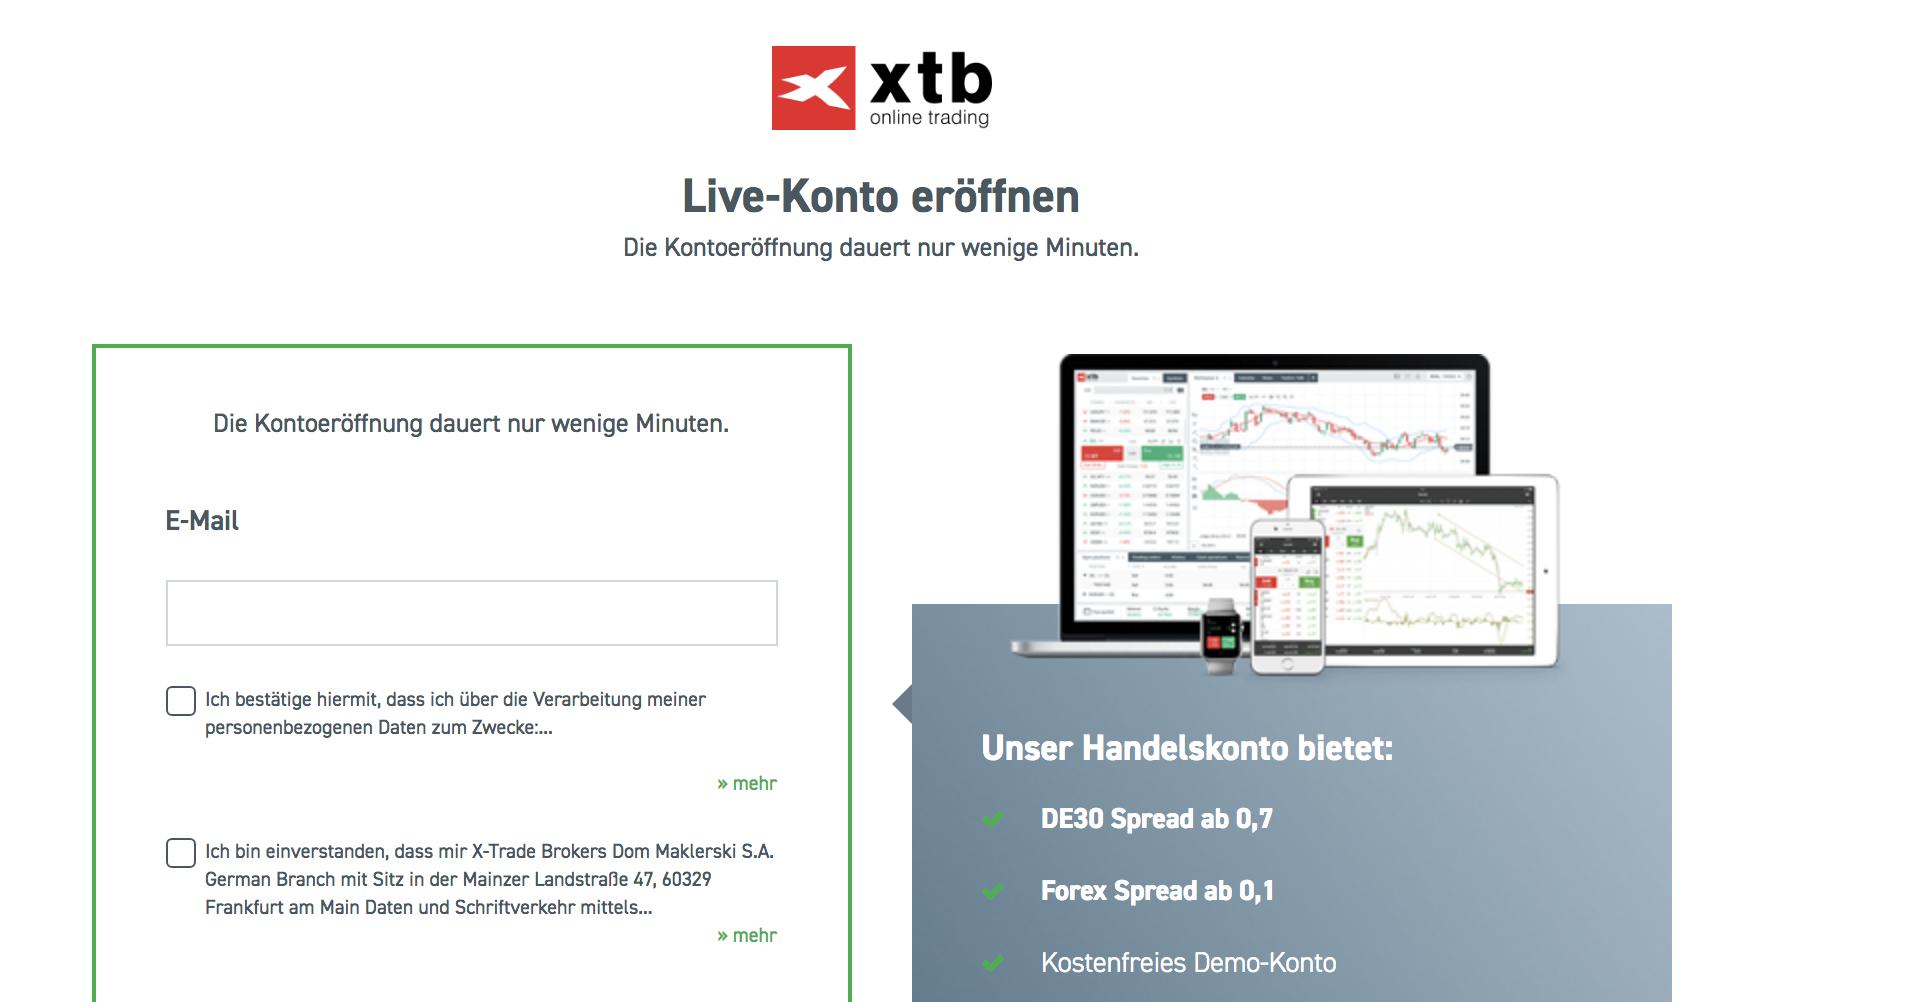 Das Anlegen eines XTB Live-Kontos dauert nur wenige Minuten